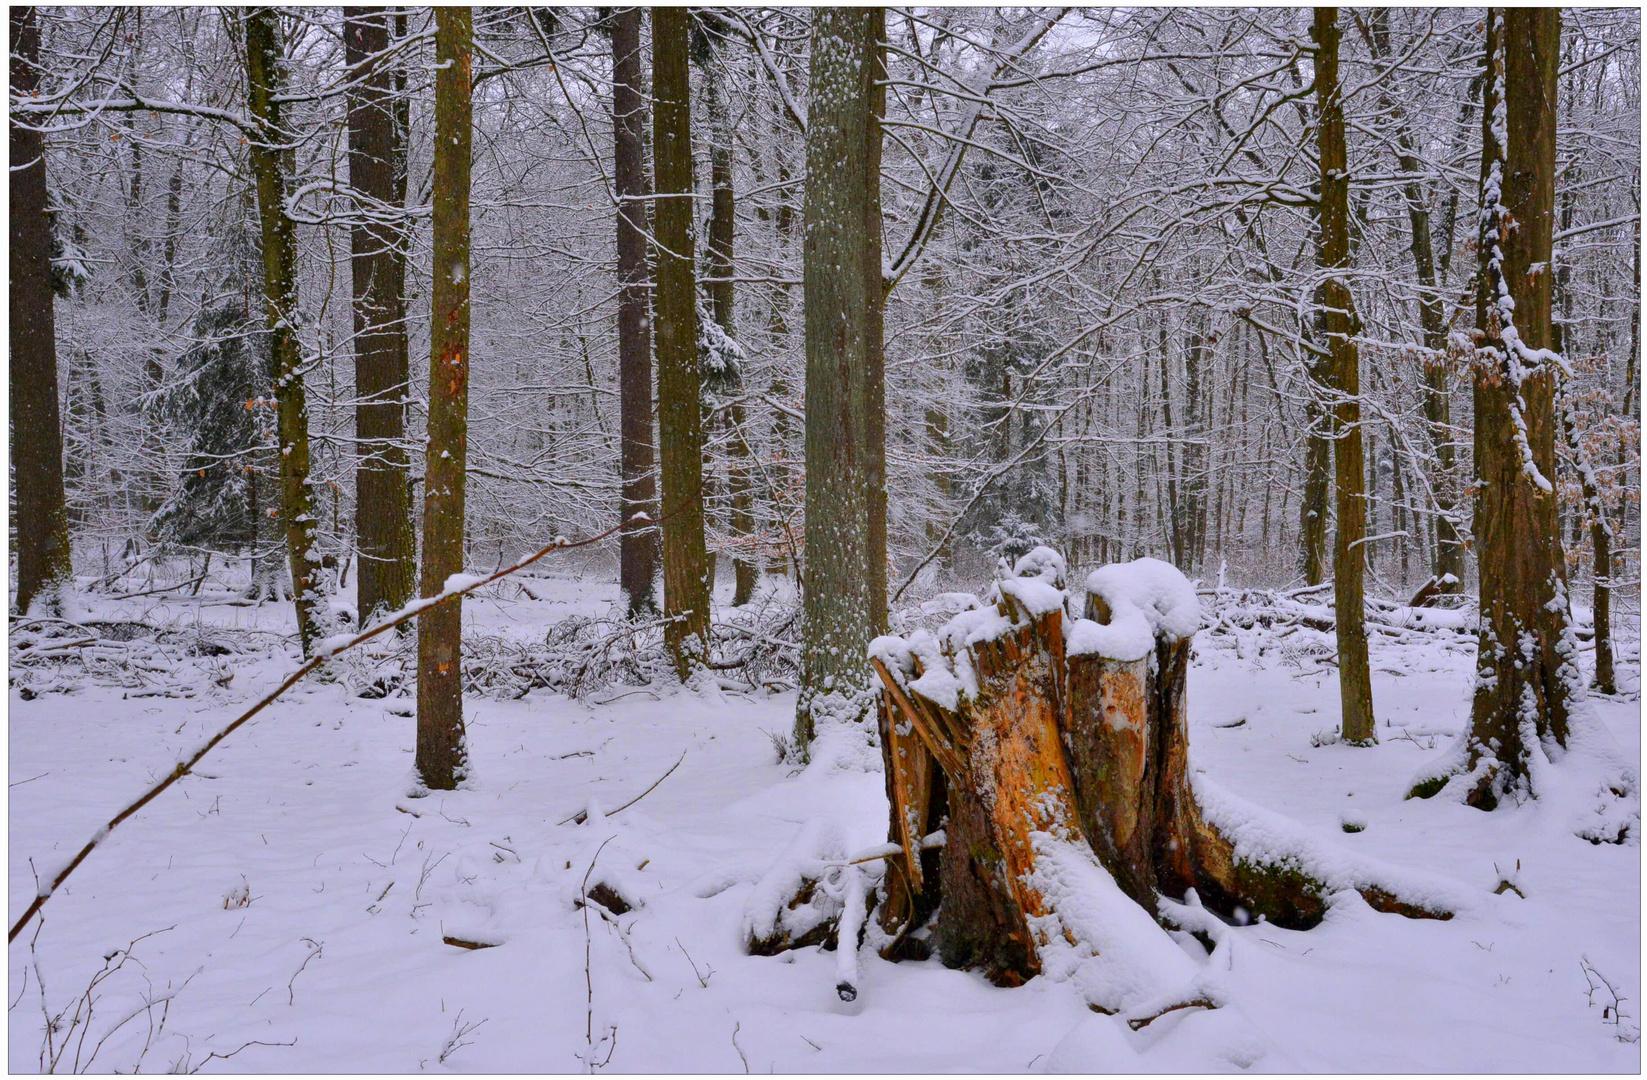 el invierno ha vuelto (der Winter ist zurückgekommen)